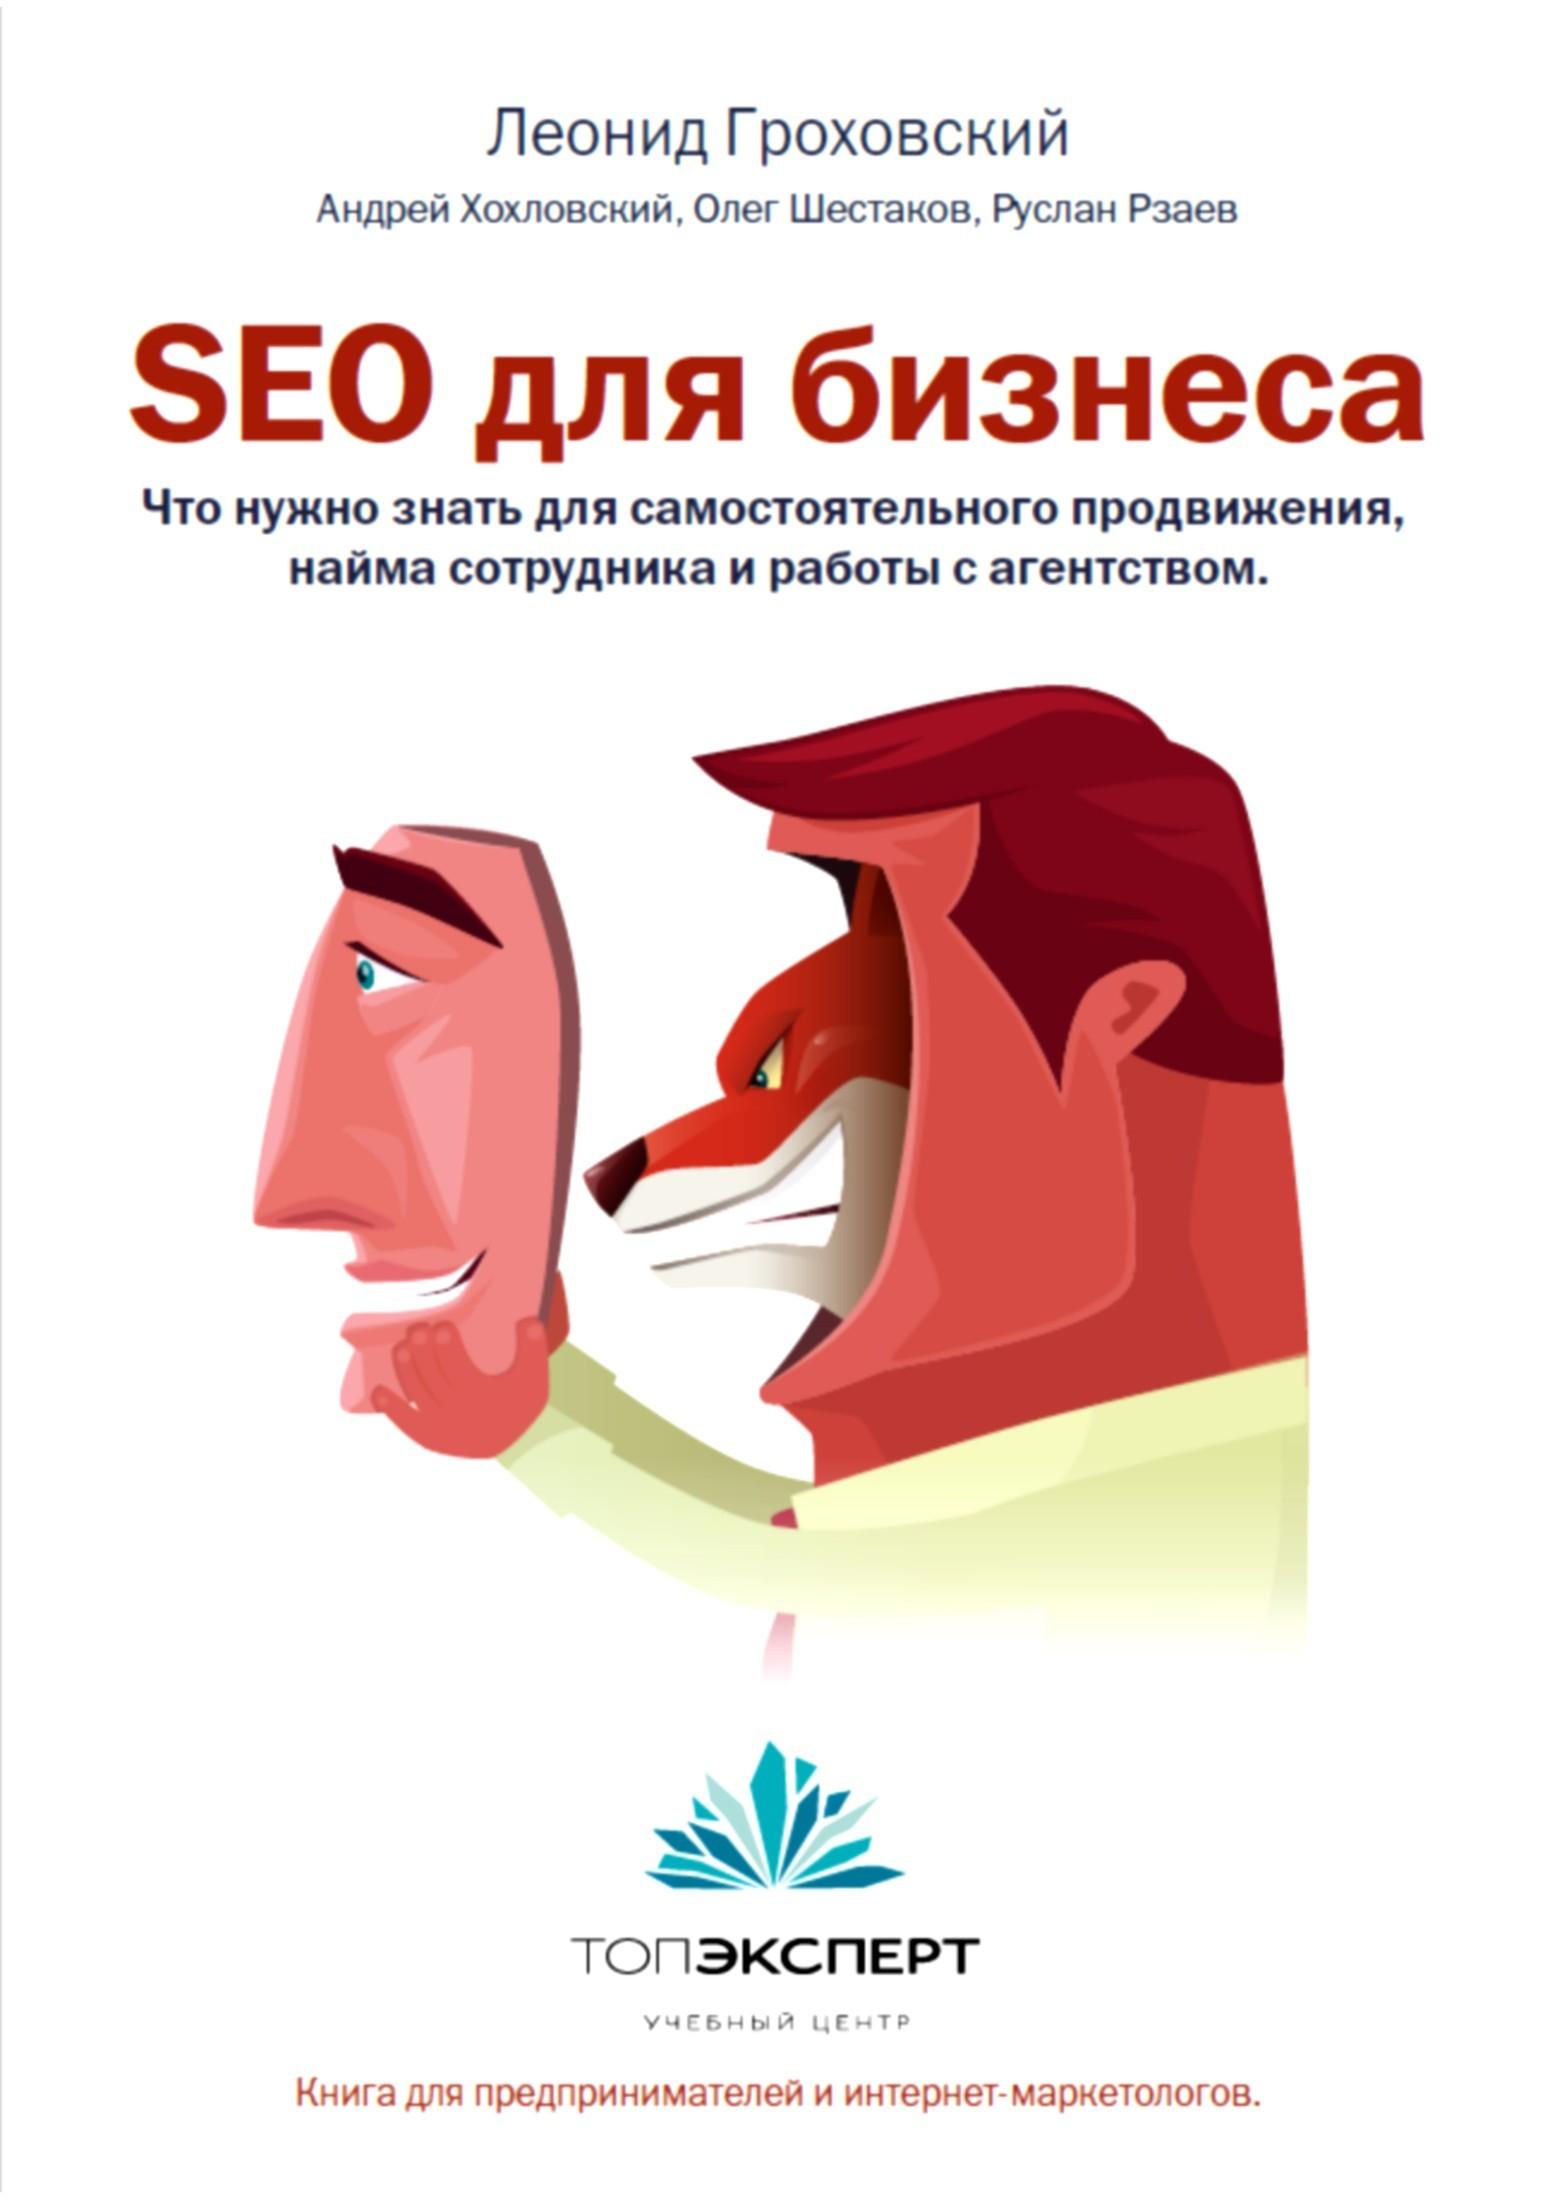 Обложка книги SEO для бизнеса